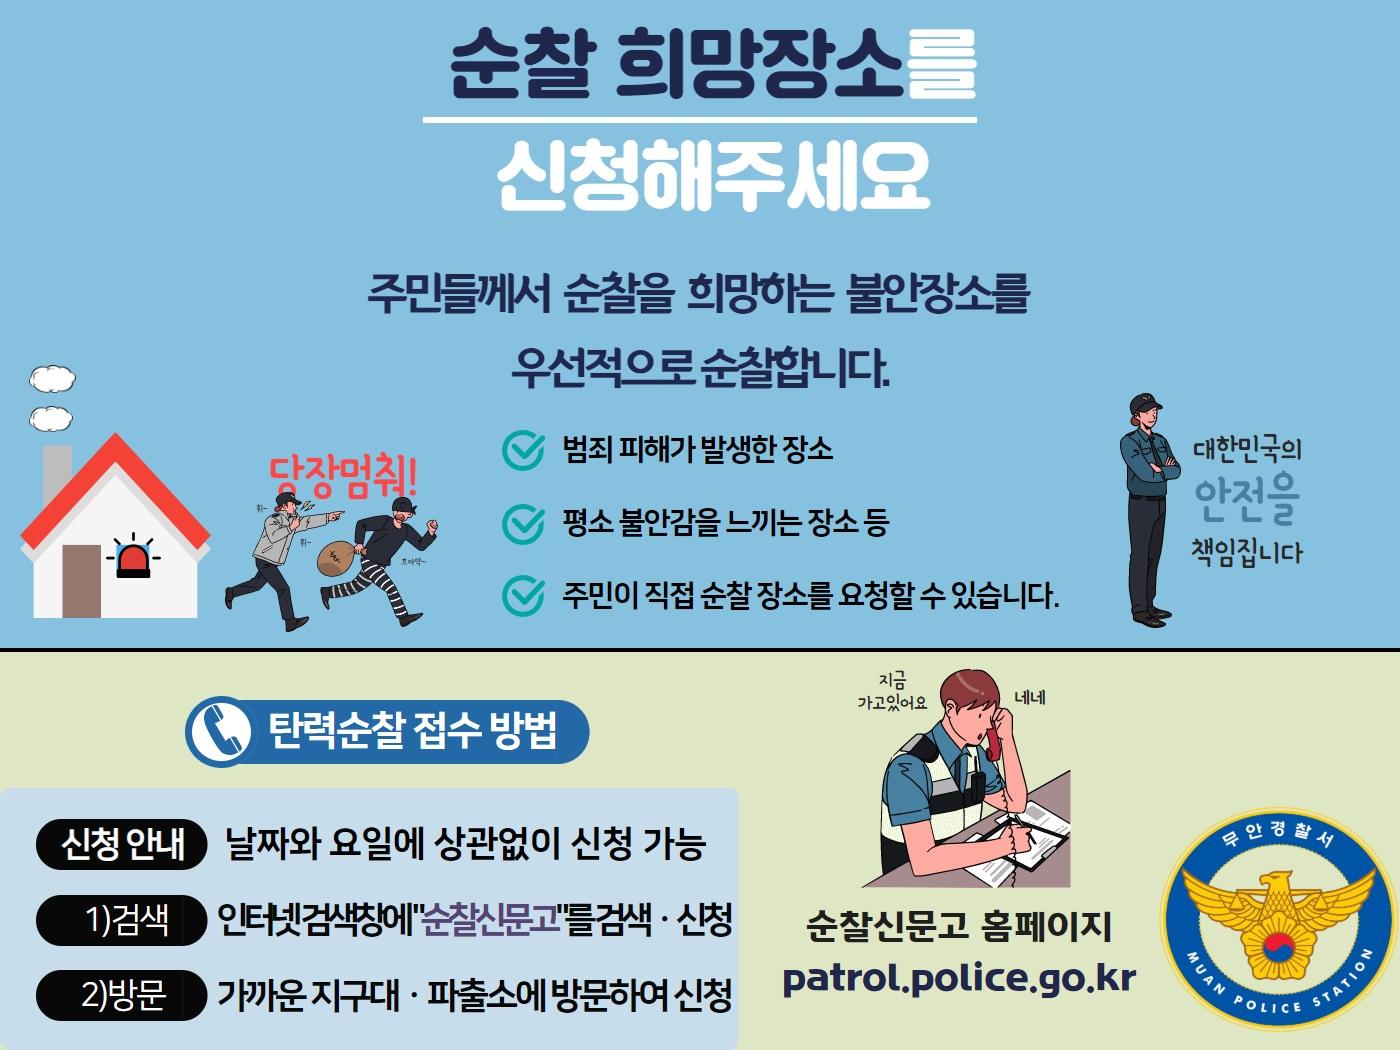 탄력순찰 홍보 팝업(무안경찰서)